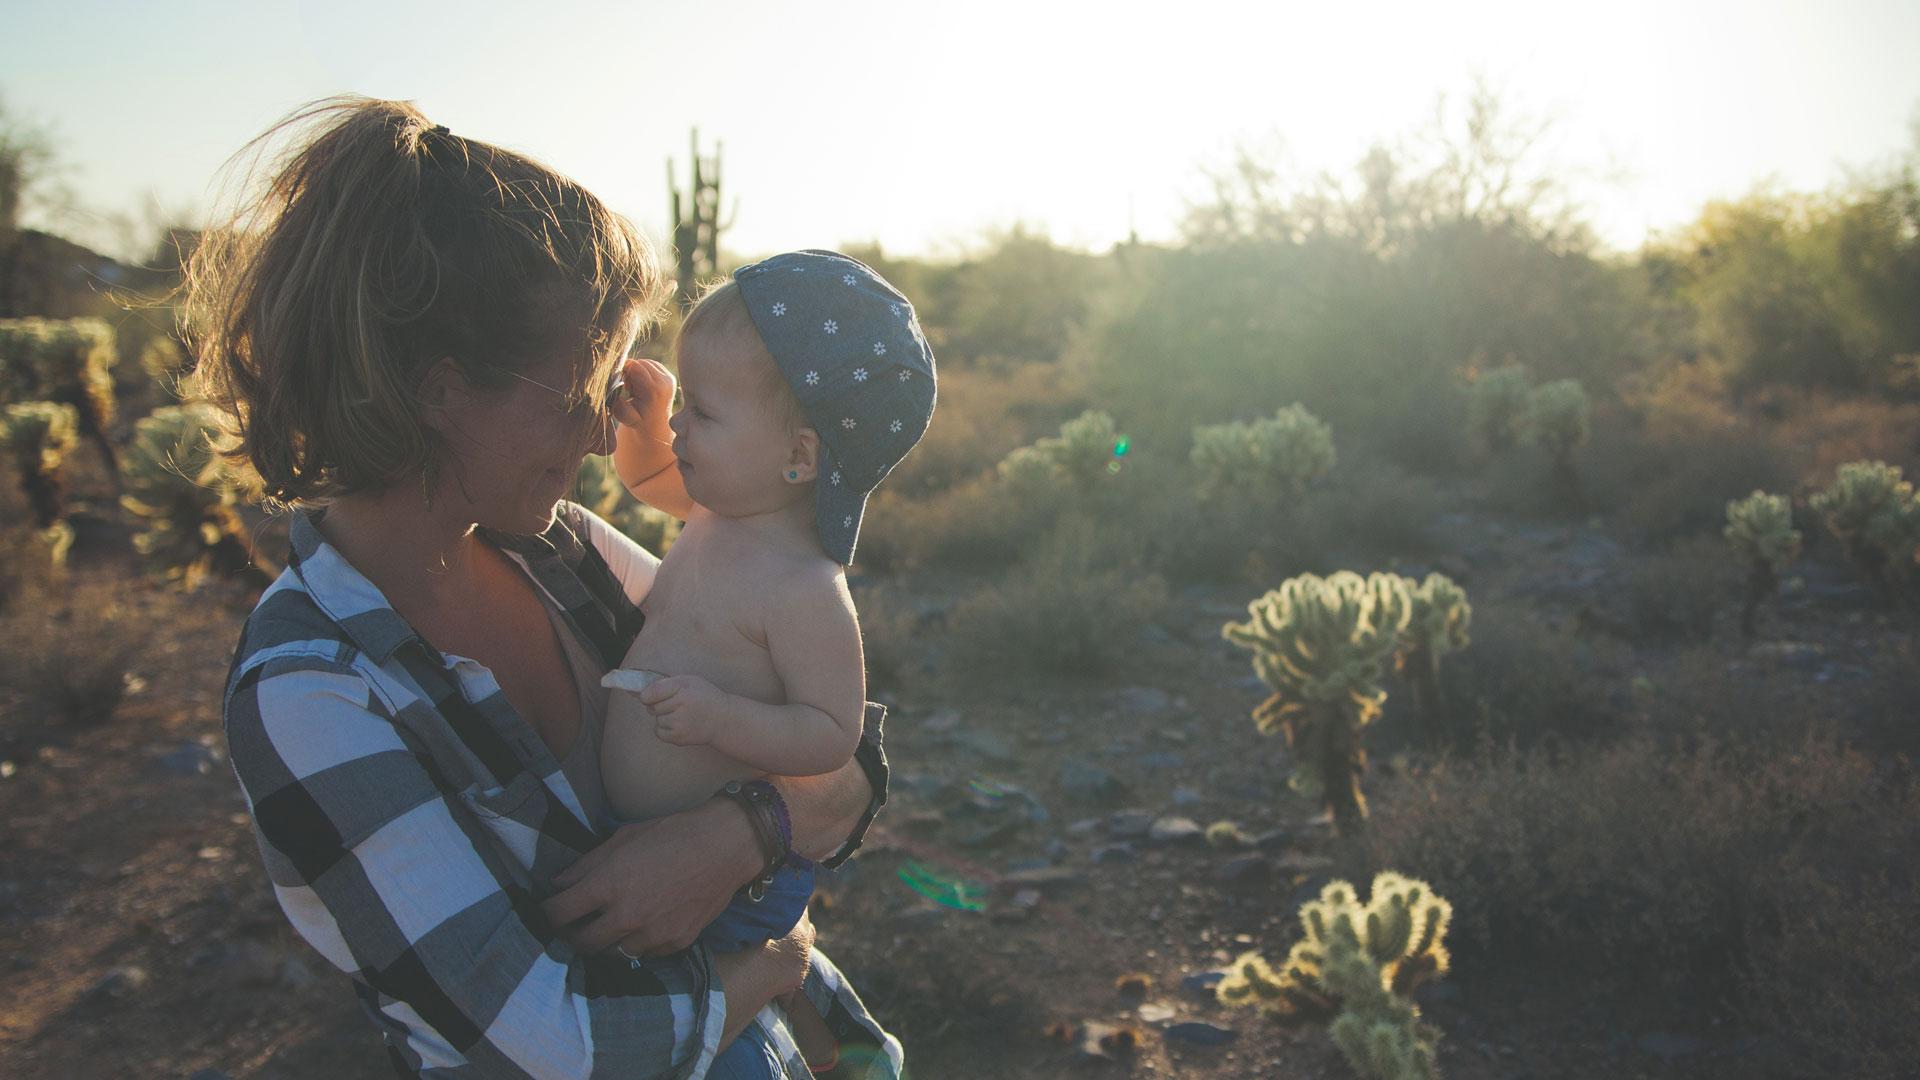 Baby and mum at sunset